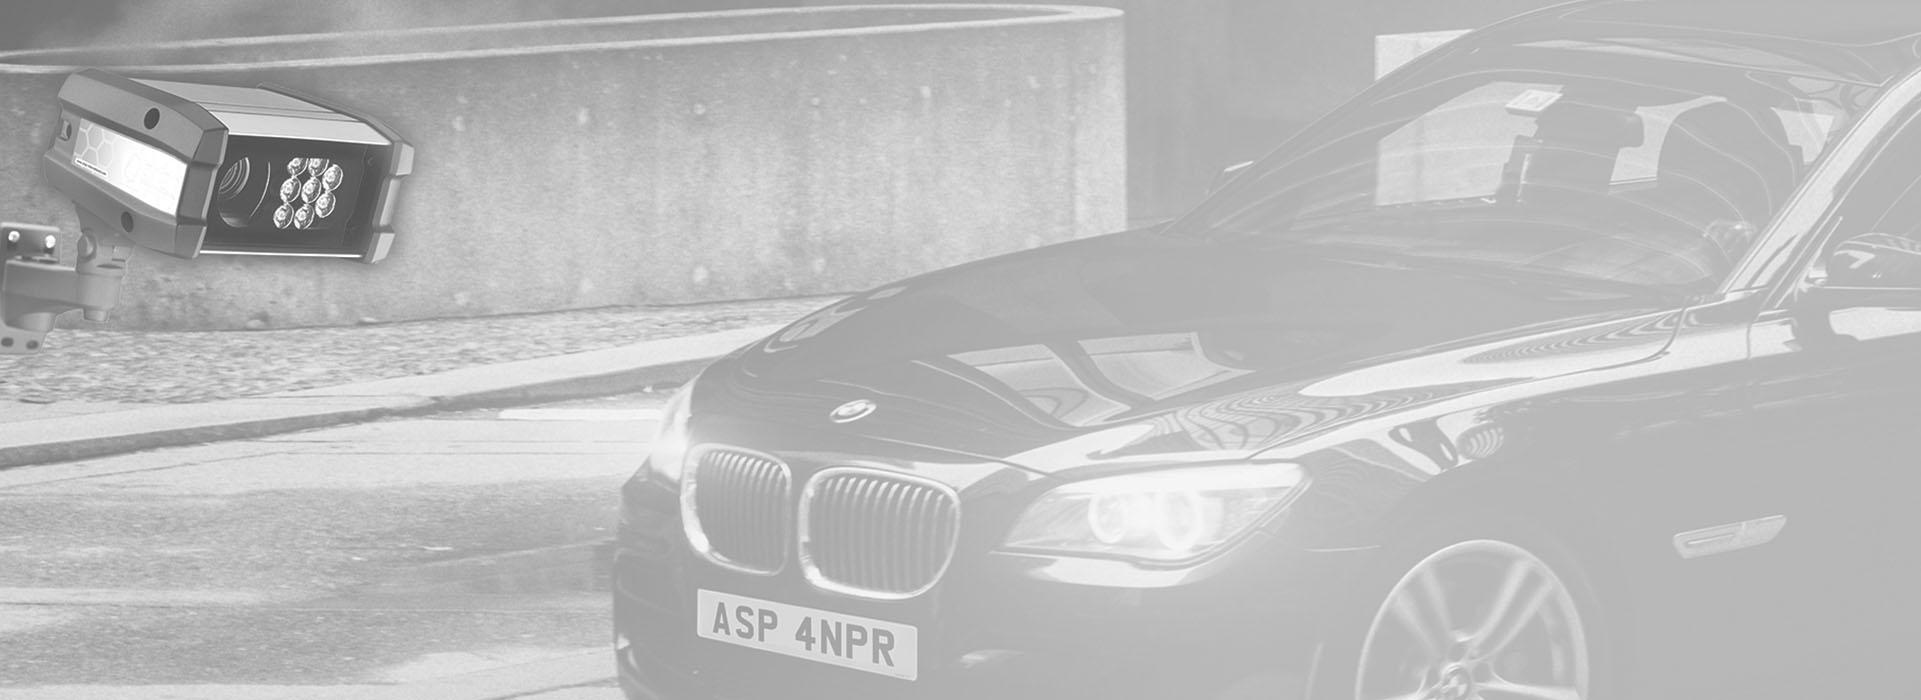 Vehicle Control Services Ltd – Parking enforcement